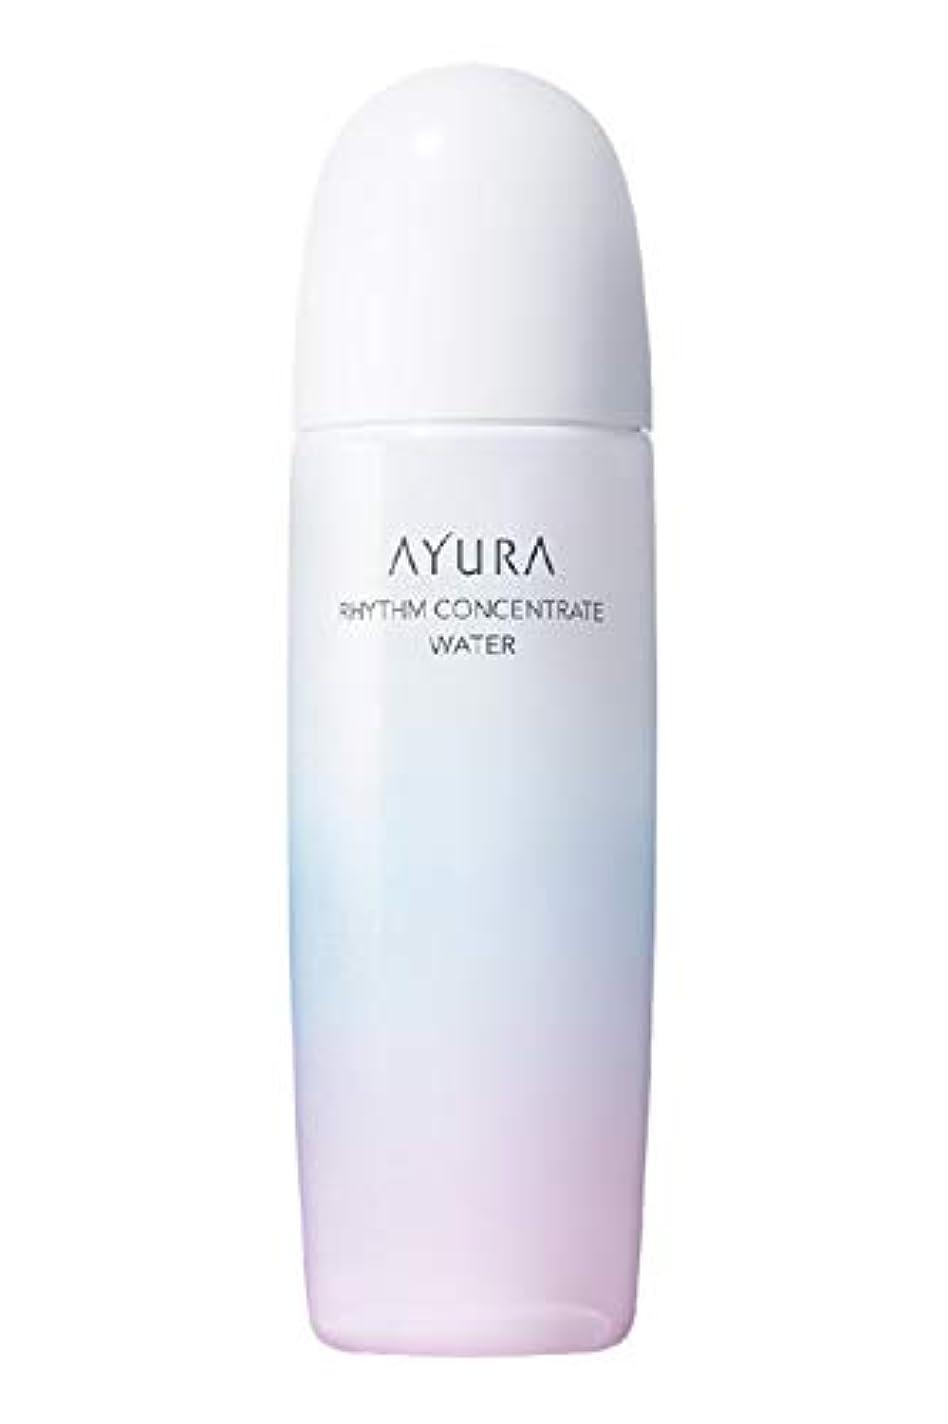 作曲する六分儀光景アユーラ (AYURA) リズムコンセントレートウォーター 300mL < 化粧水 > パシャッとうるおう 肌に吸い込まれるような 浸透化粧水